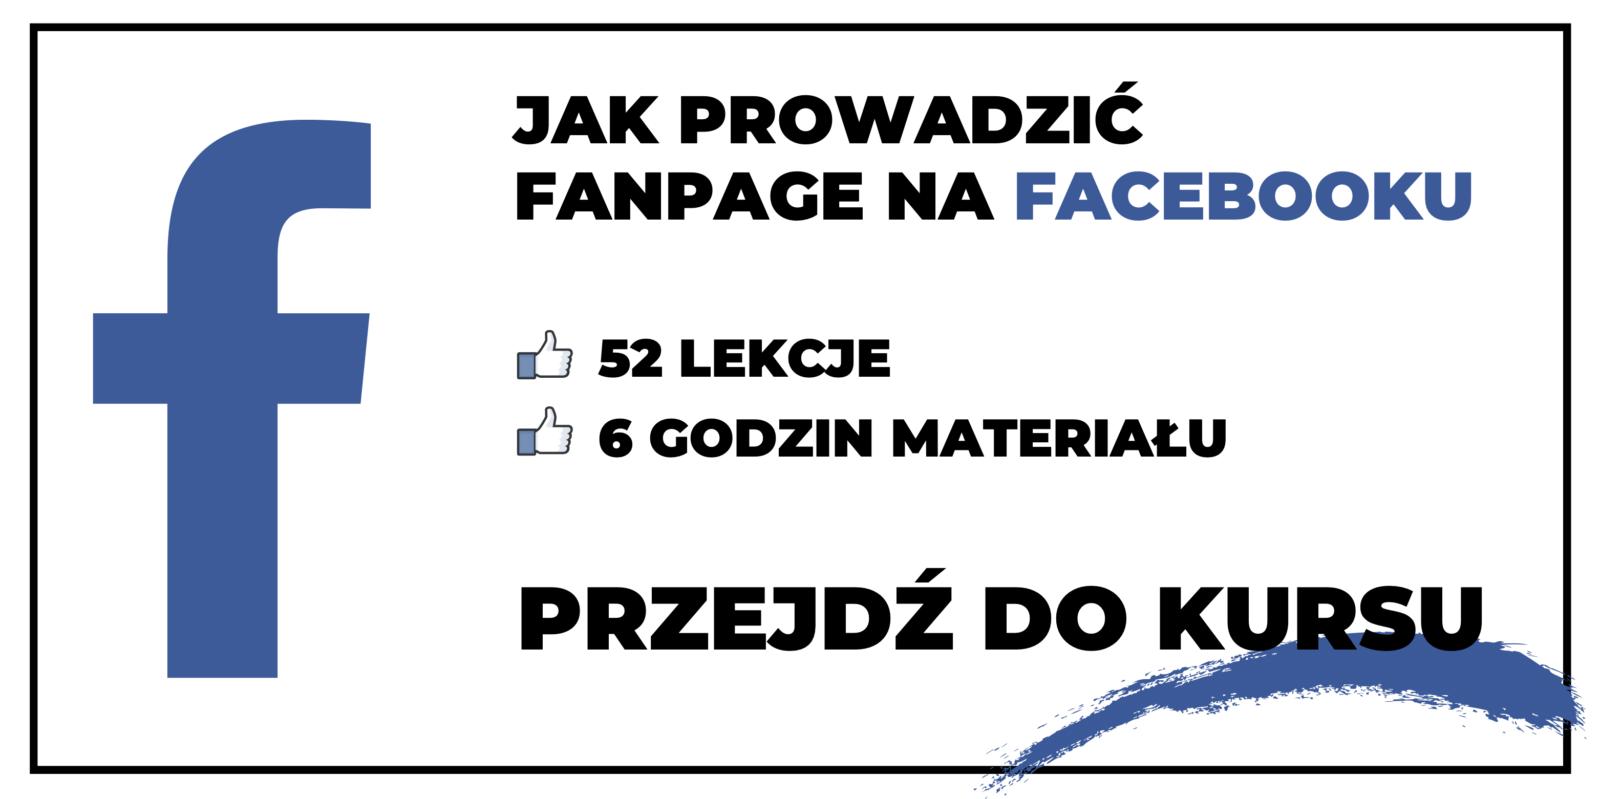 Kurs jak prowadzić fanpage na Facebooku